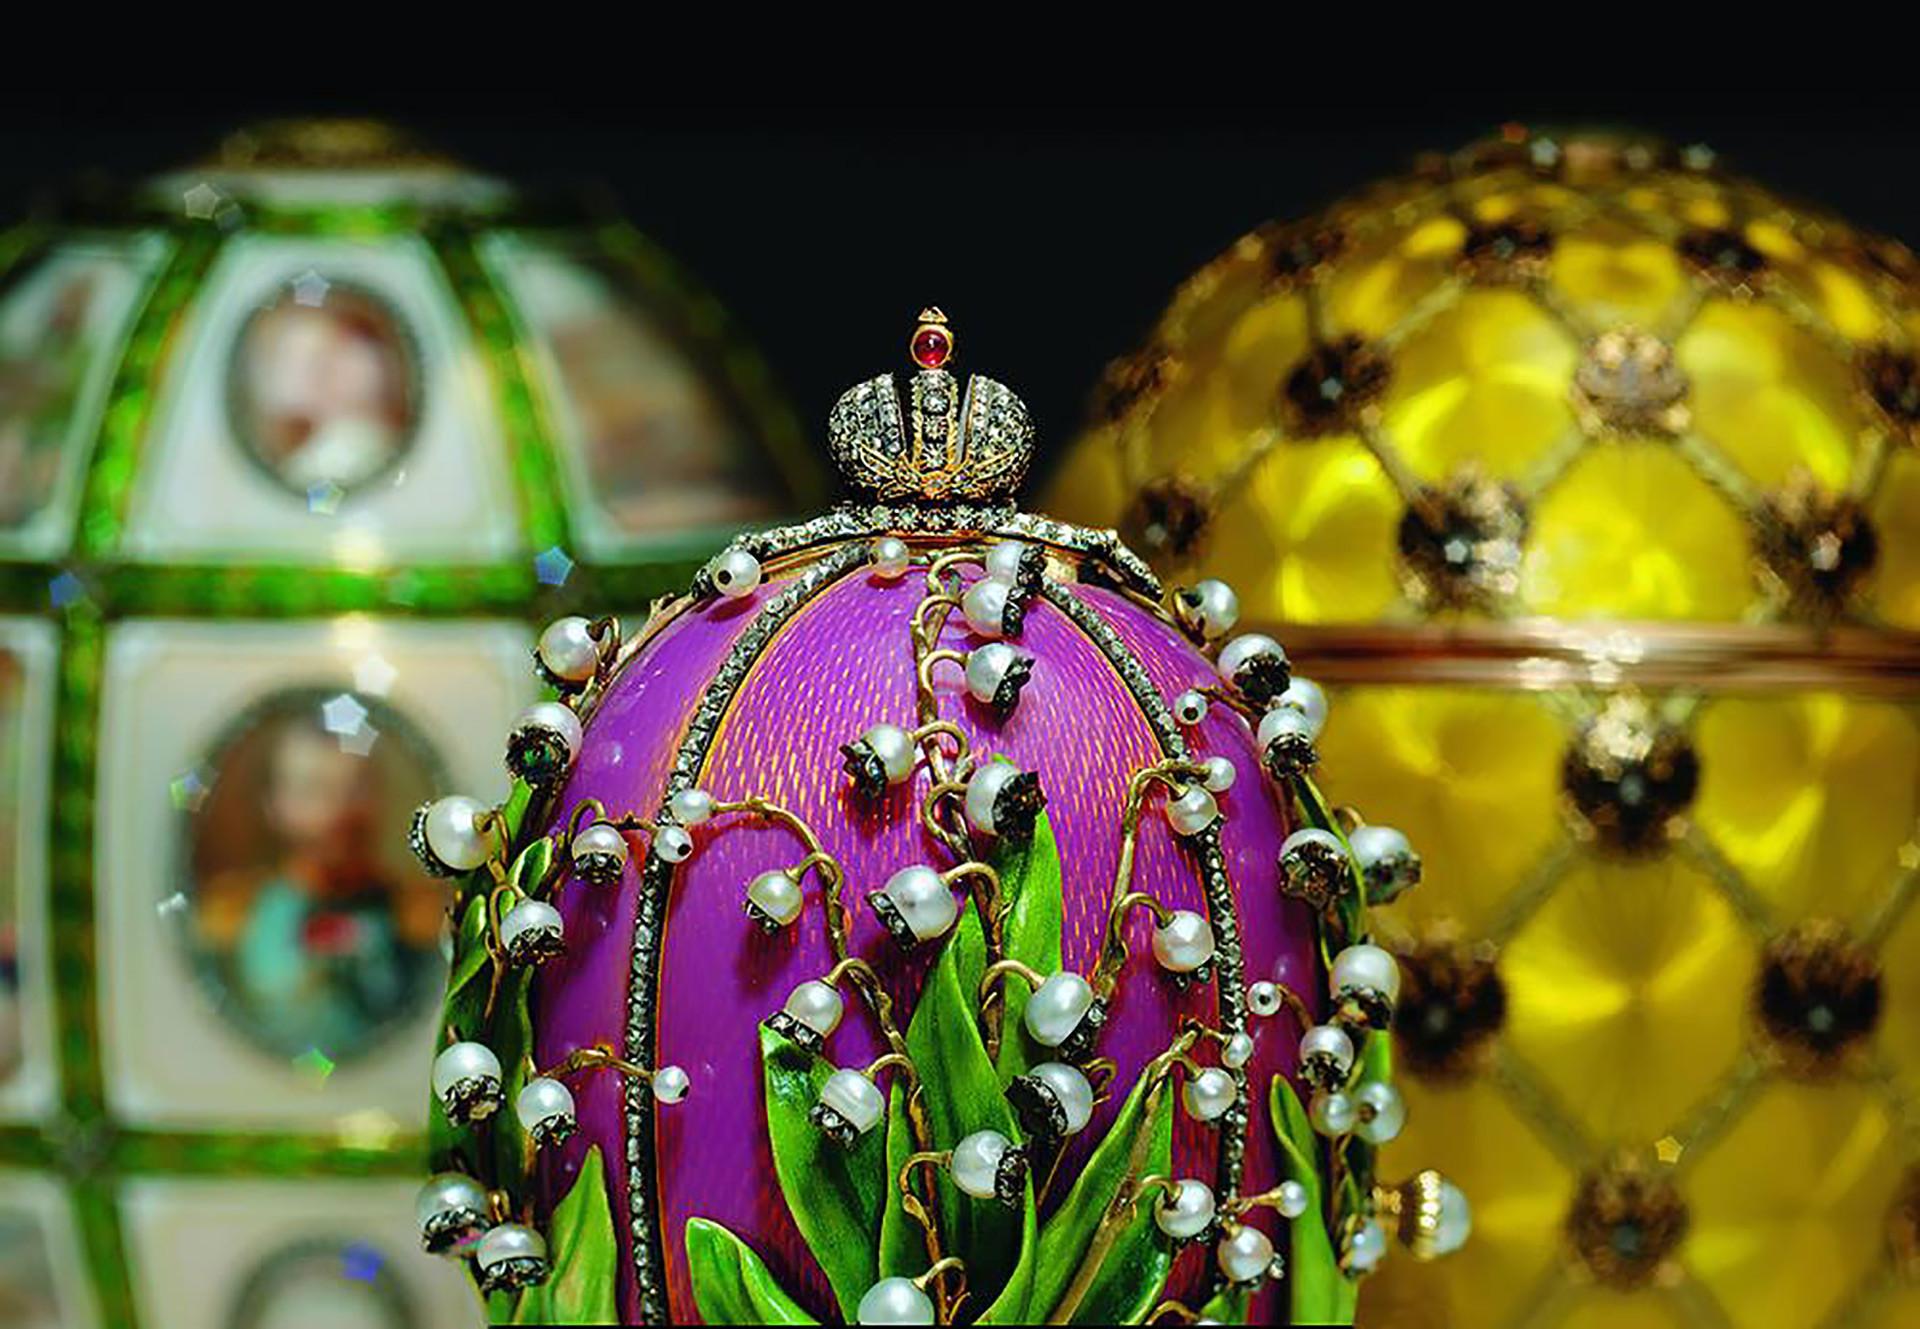 Nem só de ovos Fabergé vive o museu, que já recebeu exposições de Frida Kahlo e Dalí.